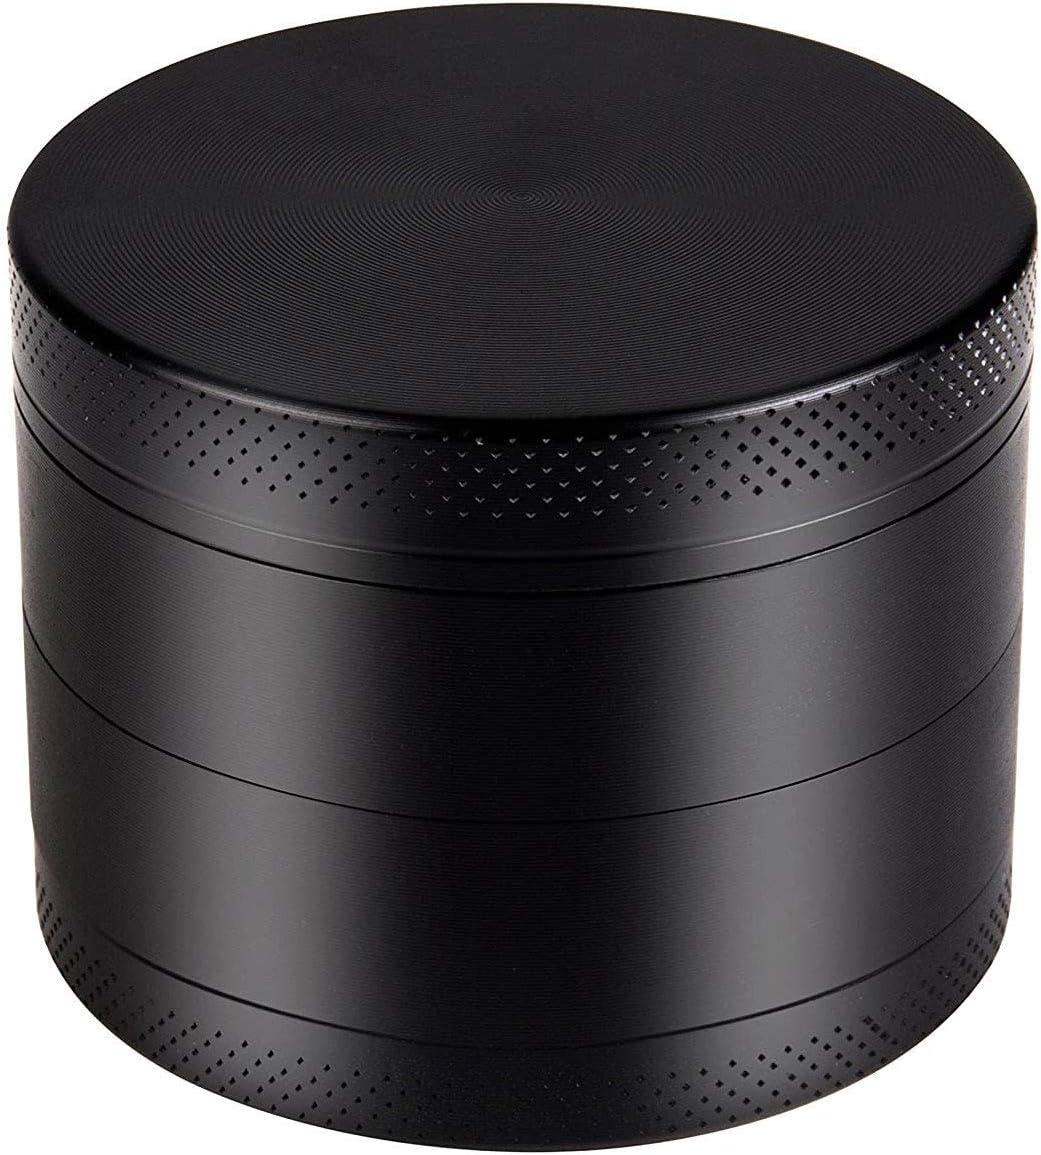 color negro Pulverizador de aluminio de cuatro capas con tamiz superior magn/ético para hierbas secas y tabaco Grinder